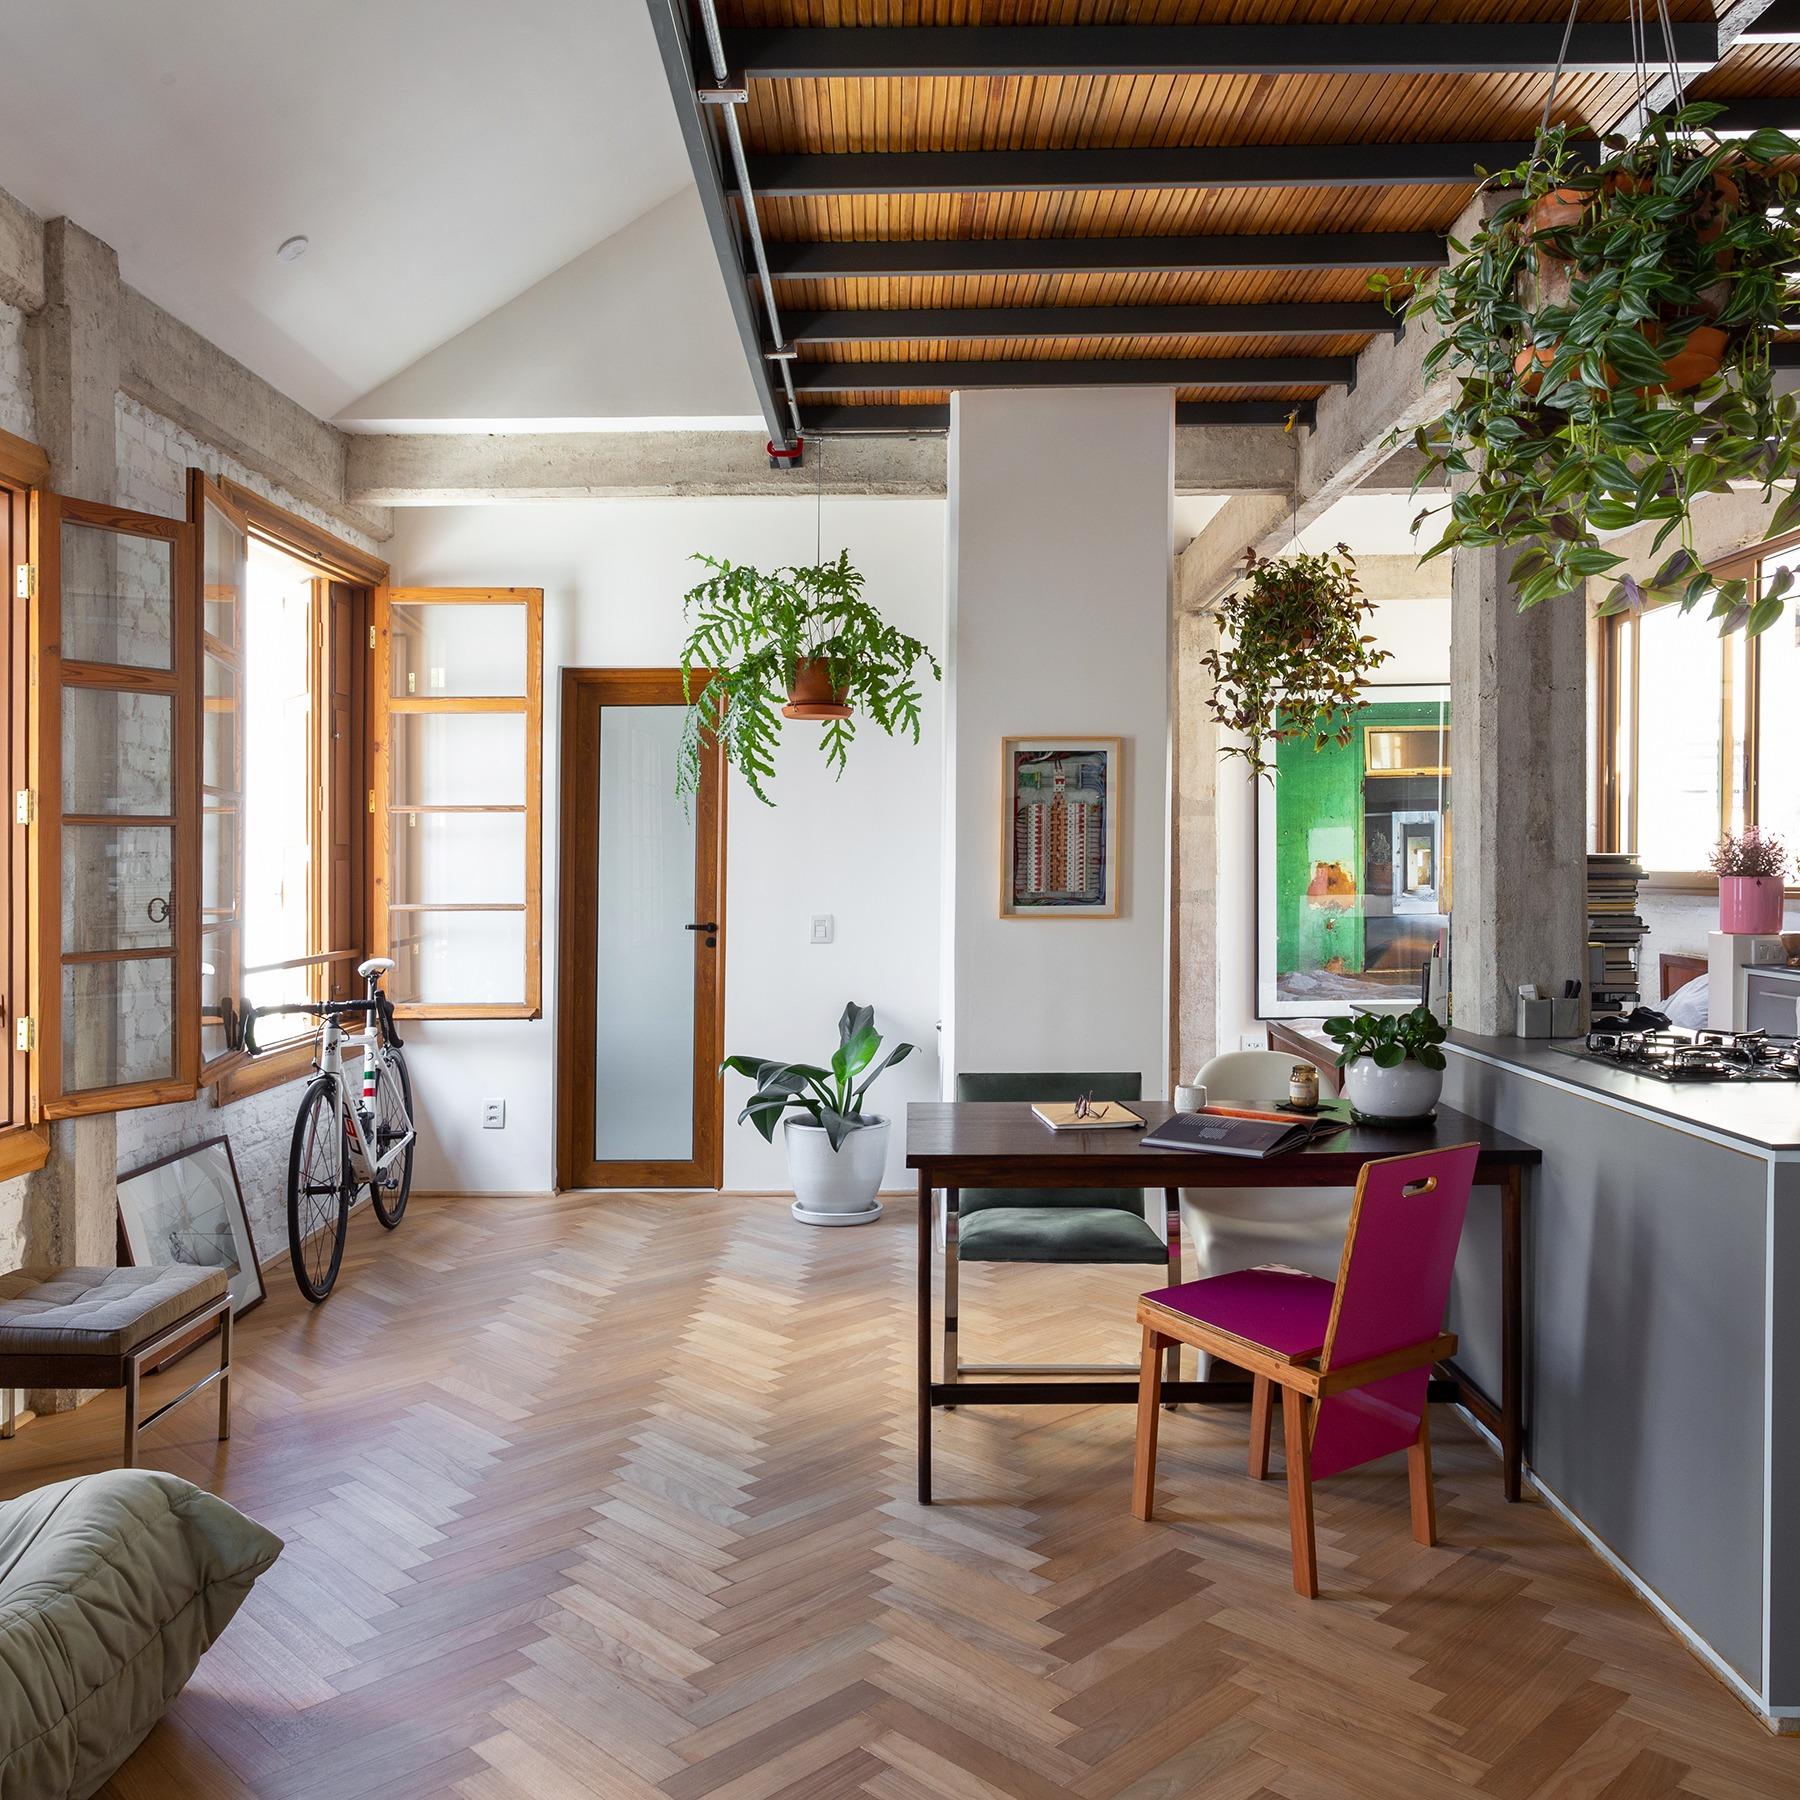 Apartamento antigo recém-reformado com piso de madeira e mezanino